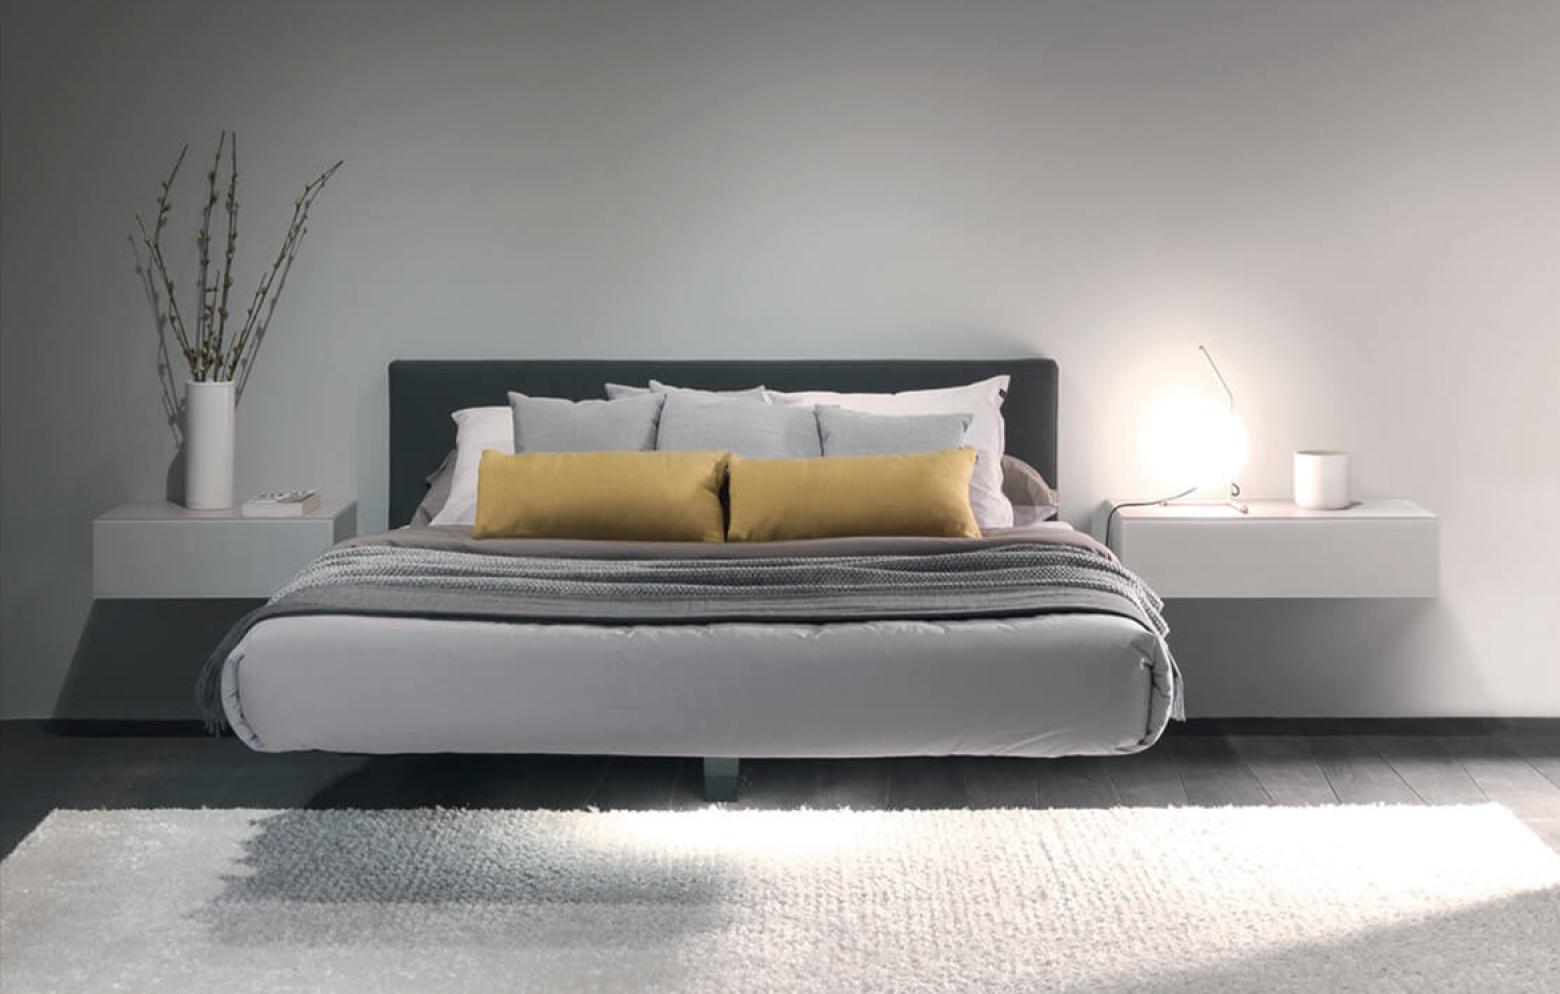 Full Size of Schwebendes Bett Von Lago Italia Außergewöhnliche Betten Runde Aus Holz Balinesische Mit Matratze Und Lattenrost 140x200 Kaufen 90x200 Luxus Günstige Bett Betten Mannheim